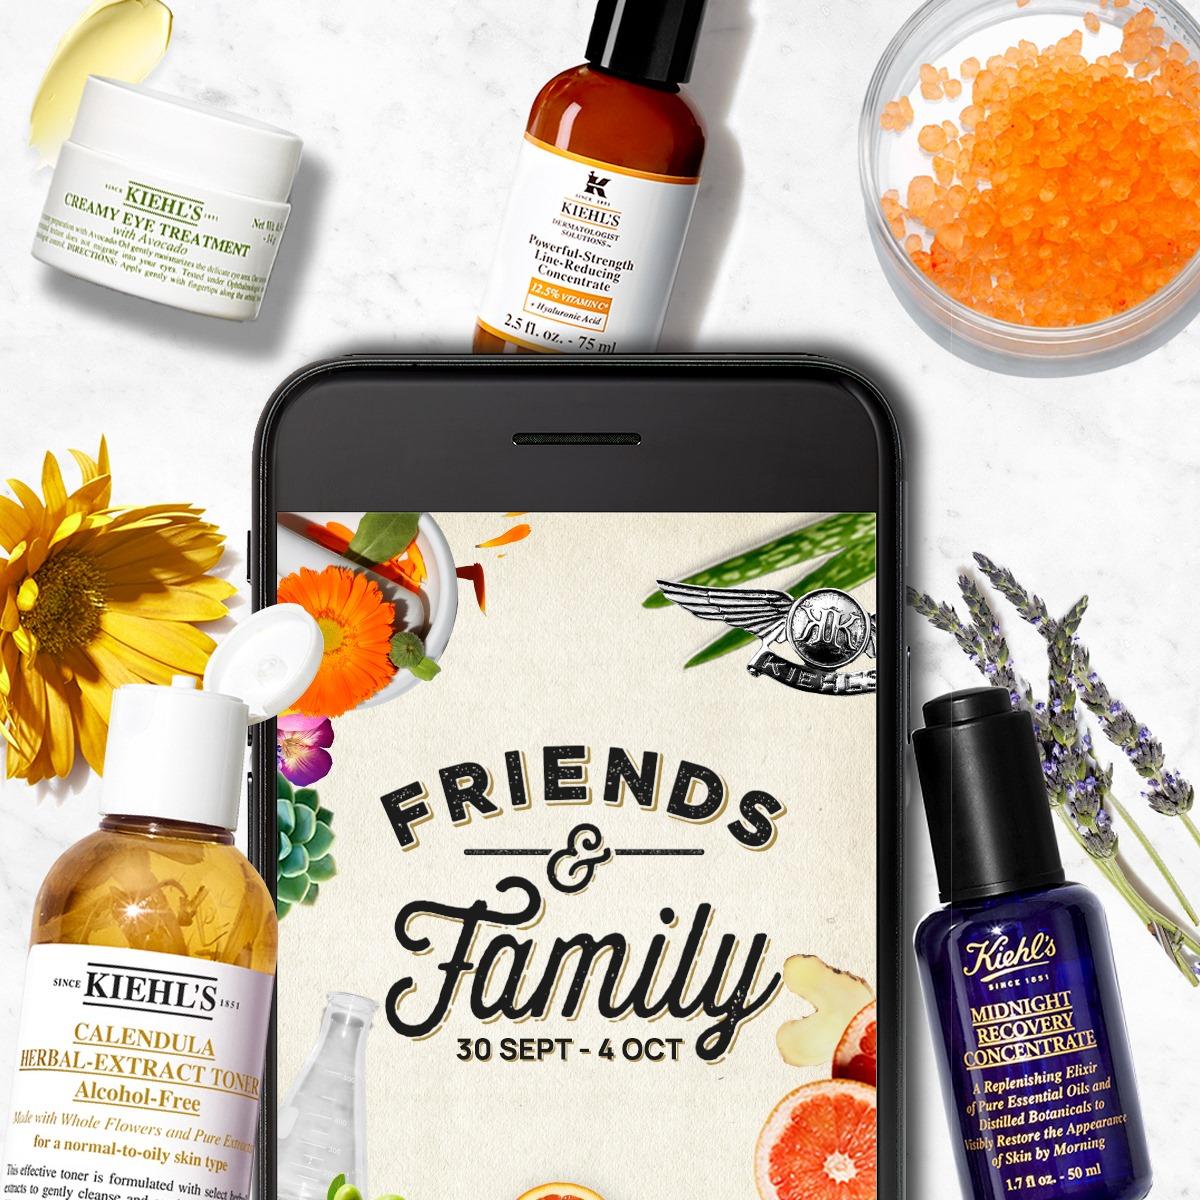 Vuelven los días Friends & Family de Kiehl's con un 25% de descuento